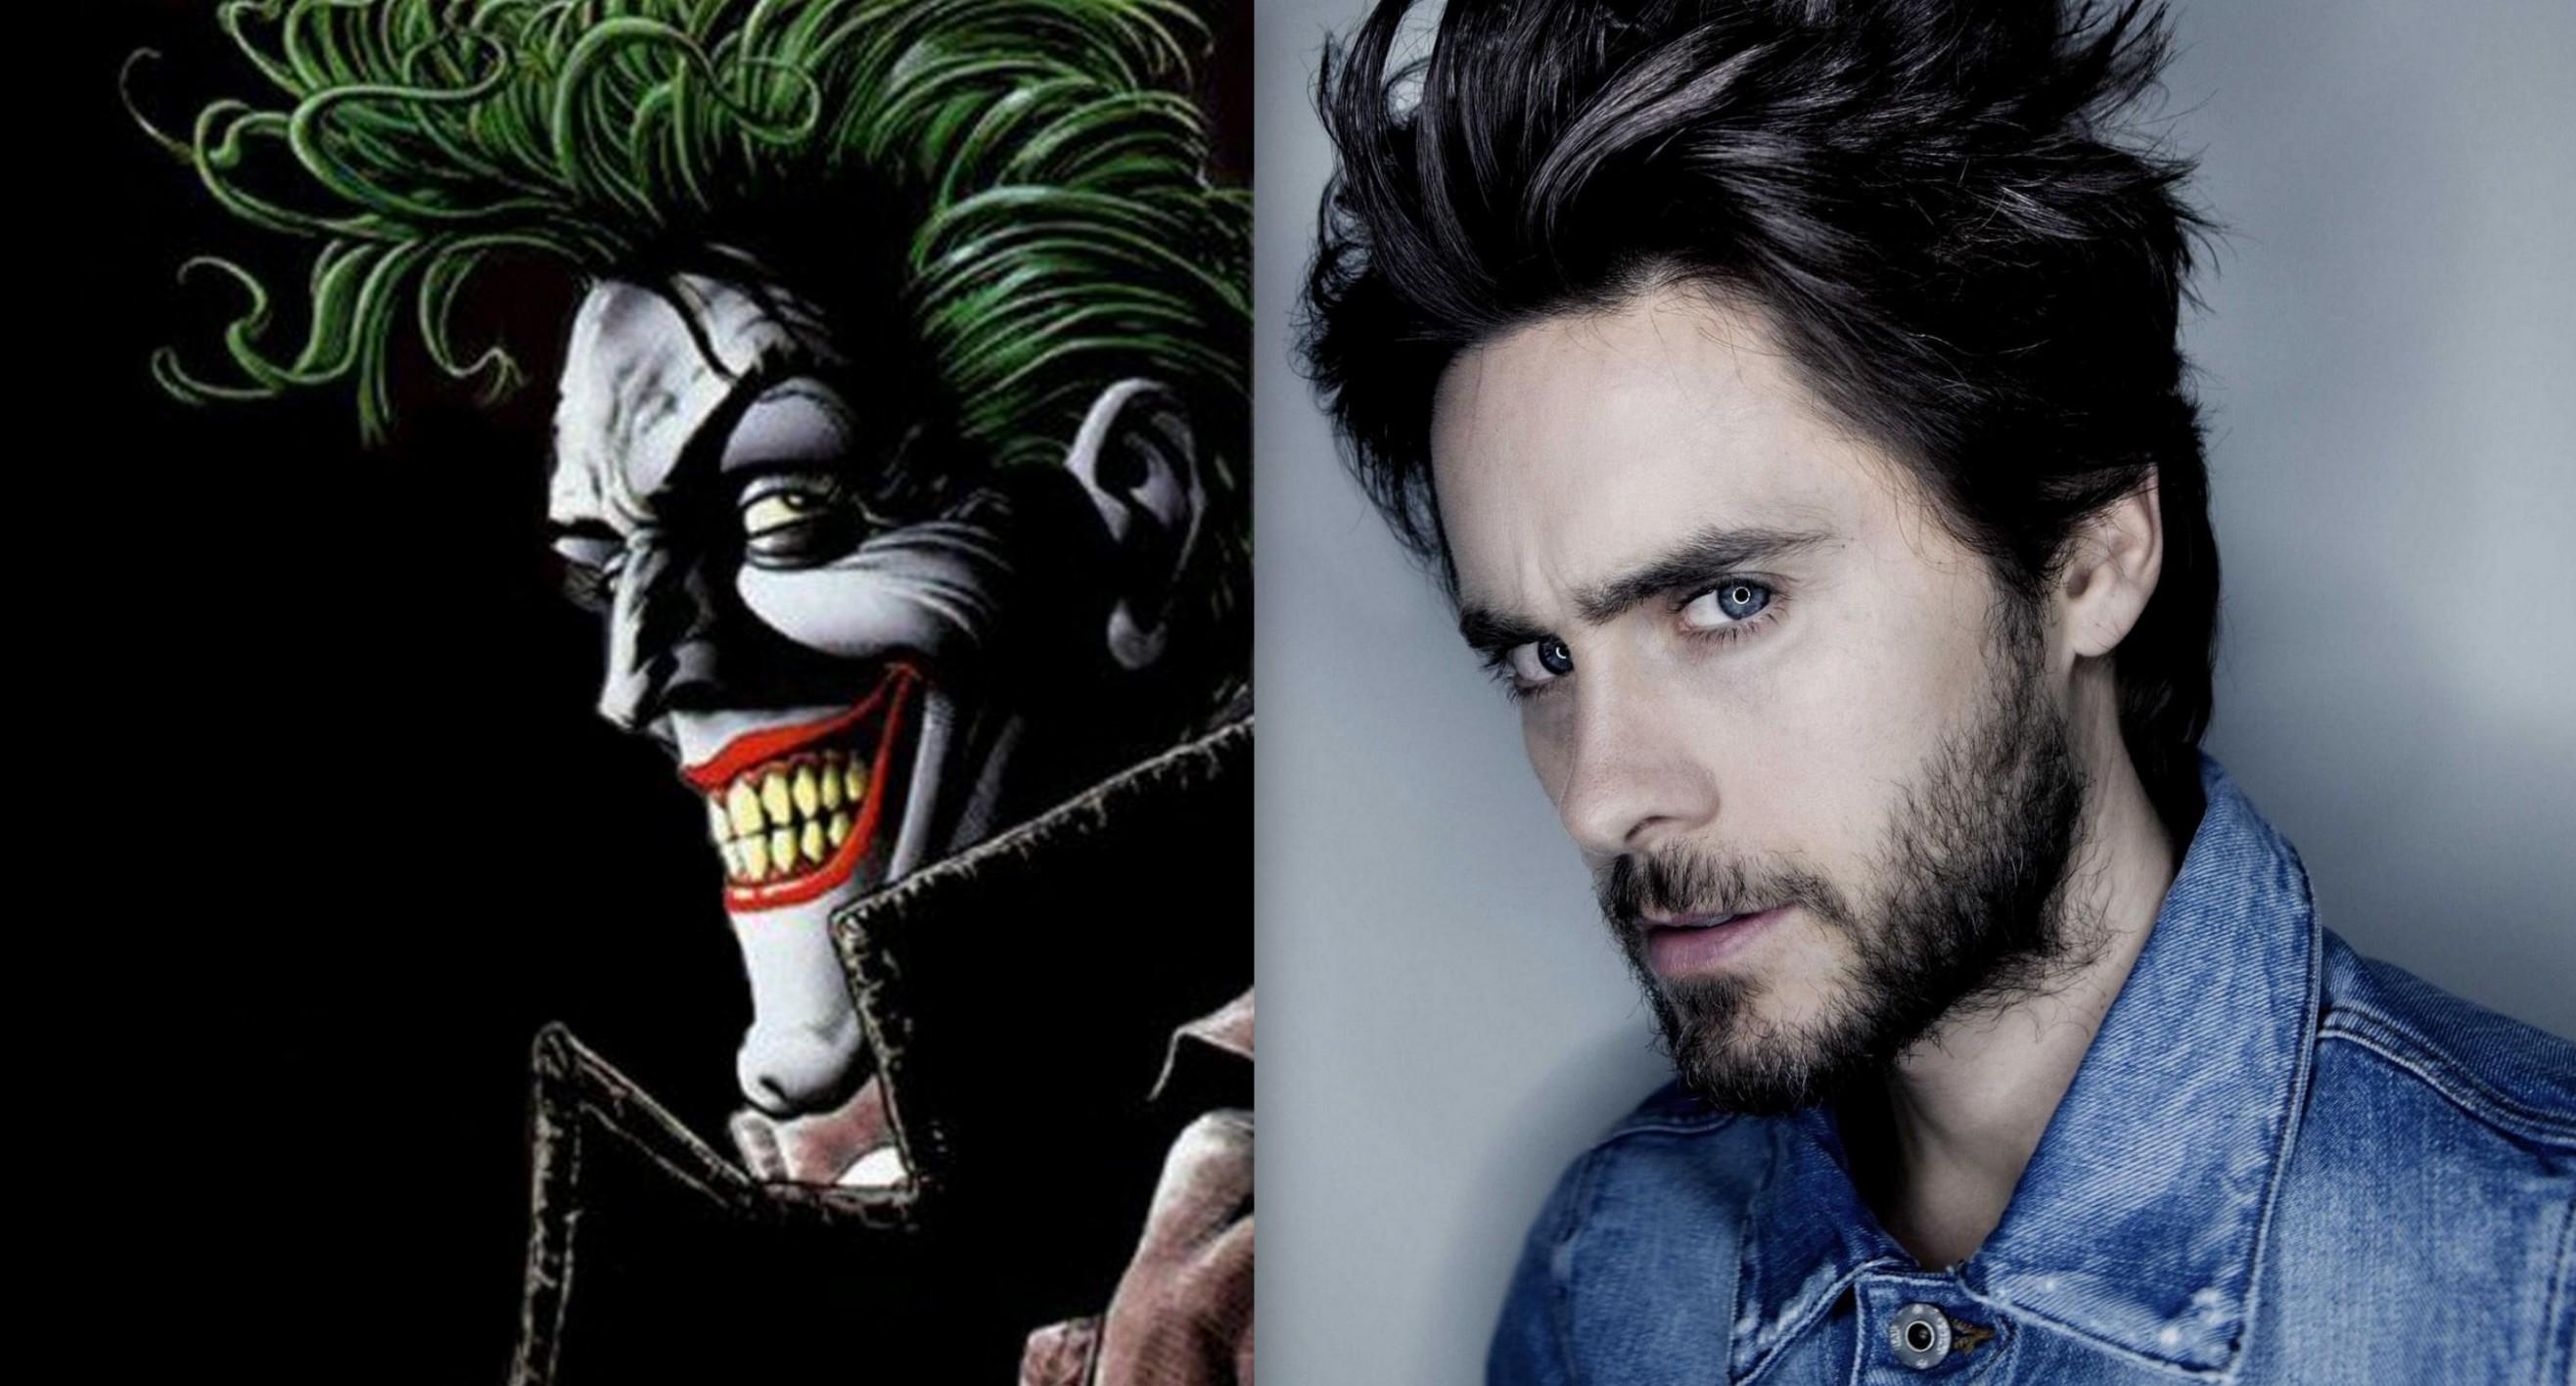 Divulgada imagem de Jared Leto como Joker   Cinema Planet 2632x1416